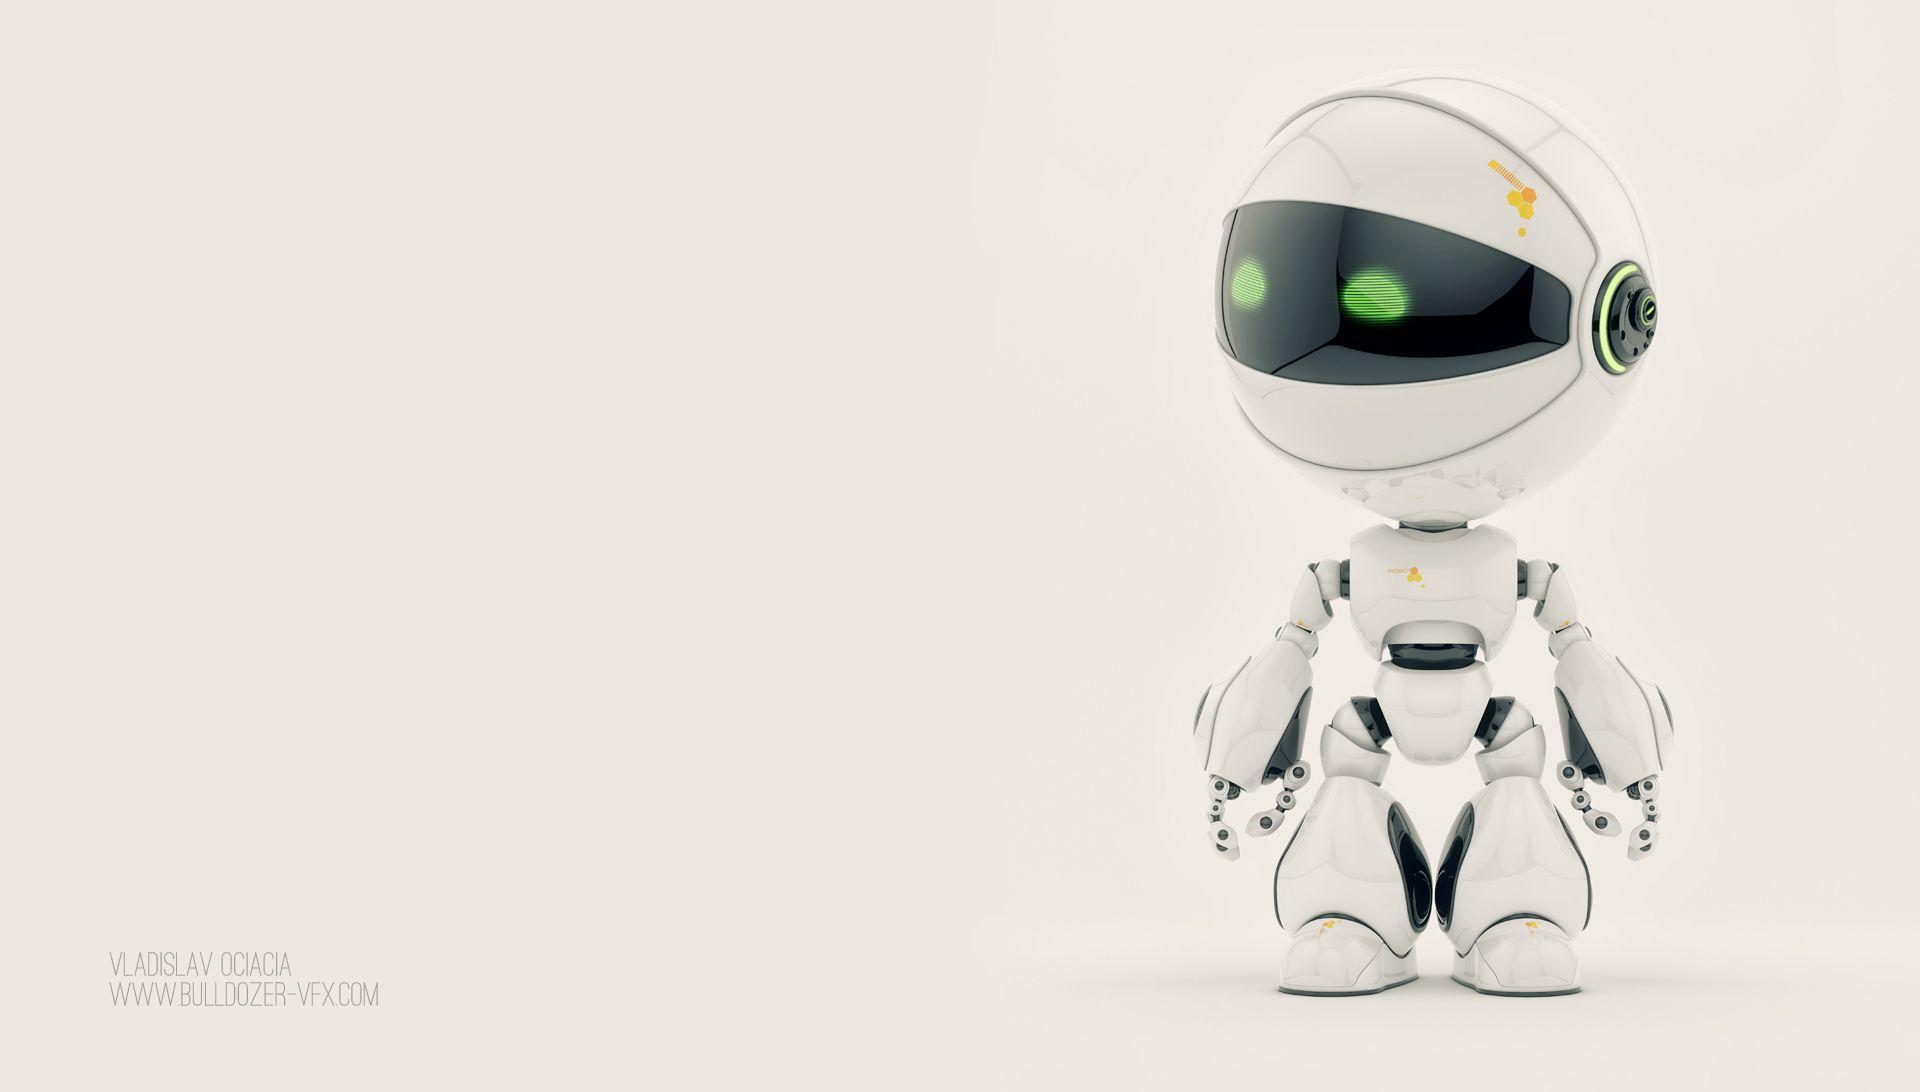 Hd wallpaper robot - Cute Robot Hd Wallpapers 15441 Amazing Wallpaperz